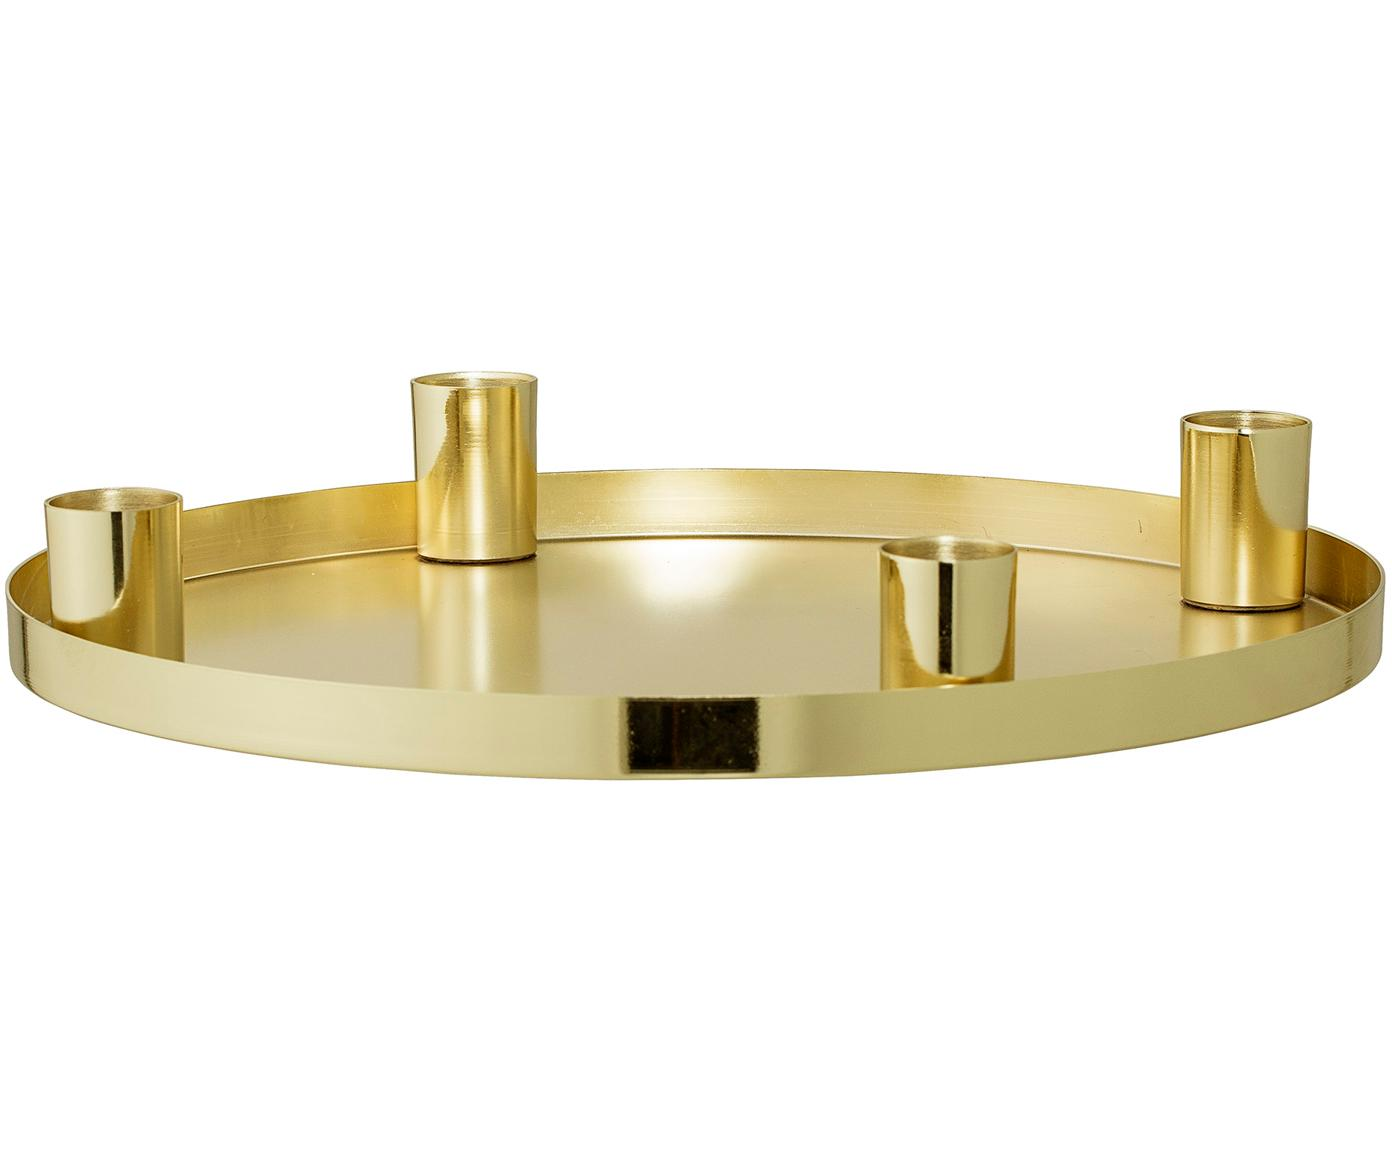 Kerzenhalter Advent, Metall, beschichtet, gold, Ø 25 x H 4 cm